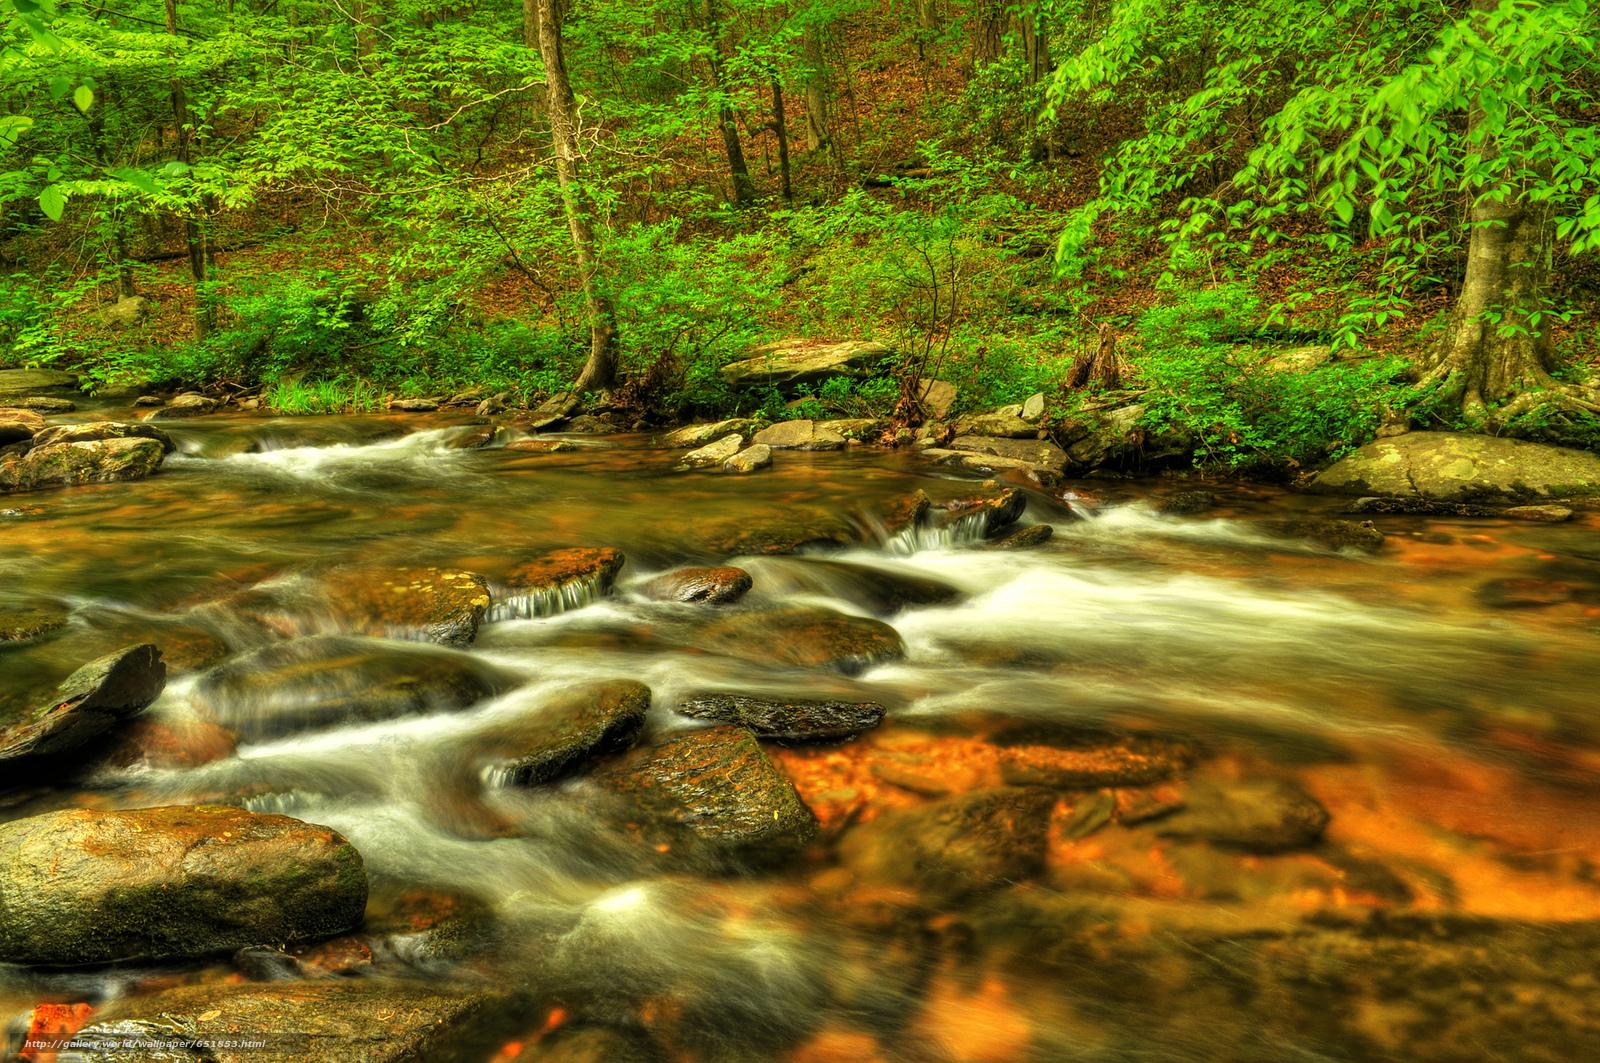 Download Hintergrund Fluss,  Wald,  Bäume,  Natur Freie desktop Tapeten in der Auflosung 2048x1361 — bild №651853